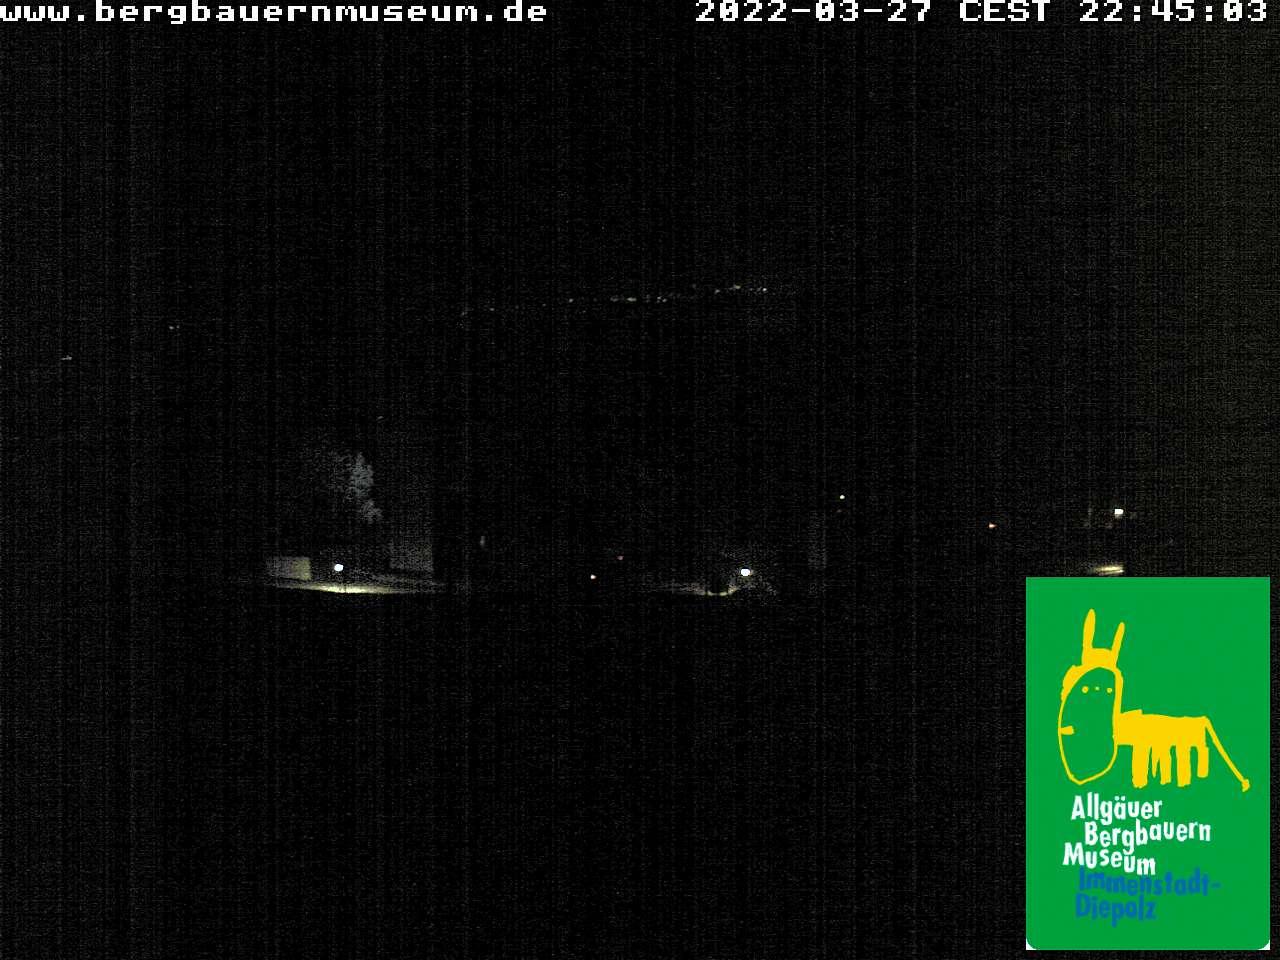 Bergbauernmuseum Diepolz: Grünten und Allgäuer Hochalpen sehen